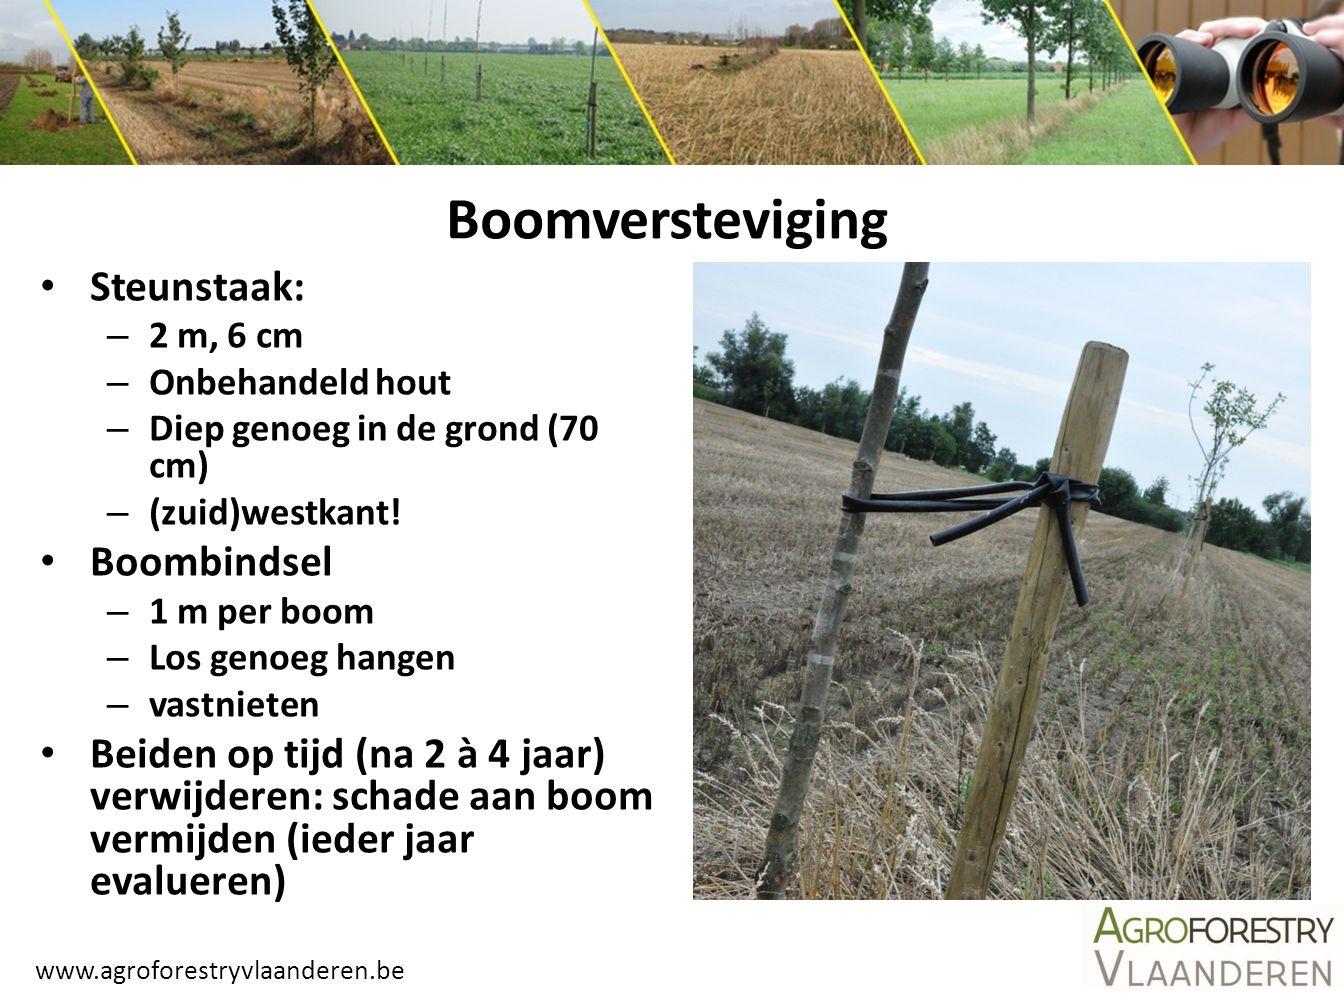 www.agroforestryvlaanderen.be Boomversteviging Steunstaak: – 2 m, 6 cm – Onbehandeld hout – Diep genoeg in de grond (70 cm) – (zuid)westkant! Boombind